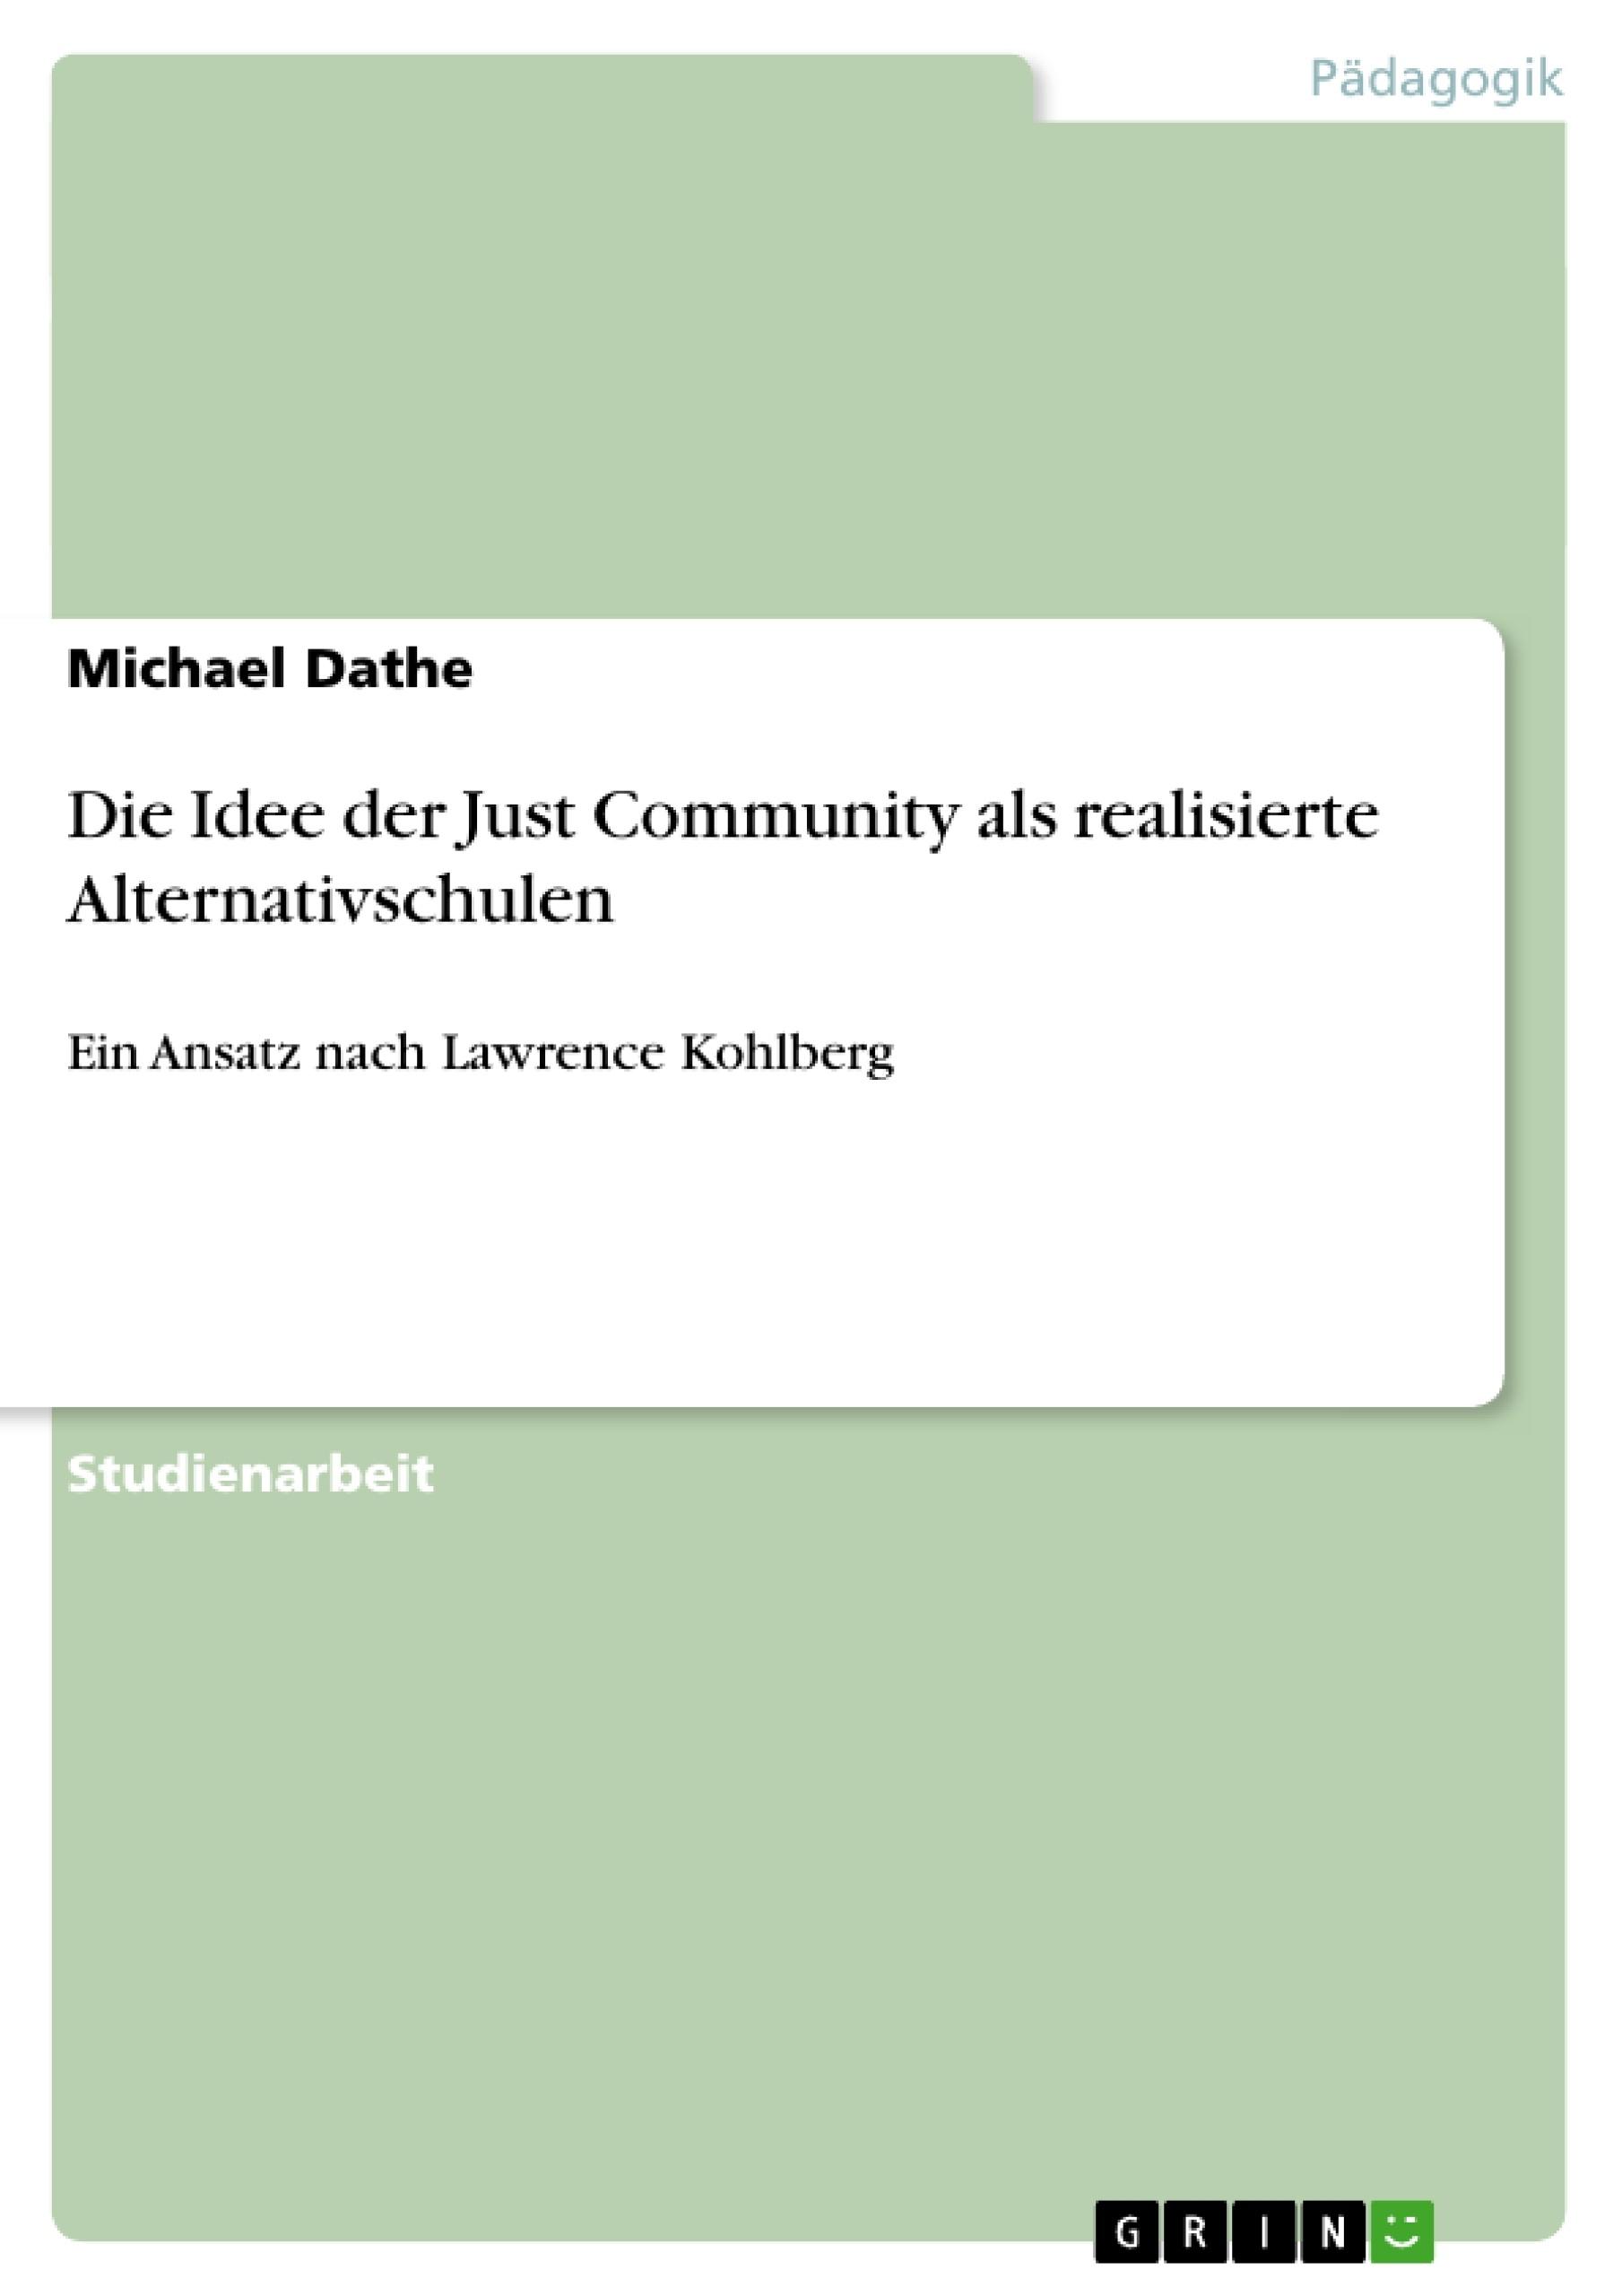 Titel: Die Idee der Just Community als realisierte Alternativschulen